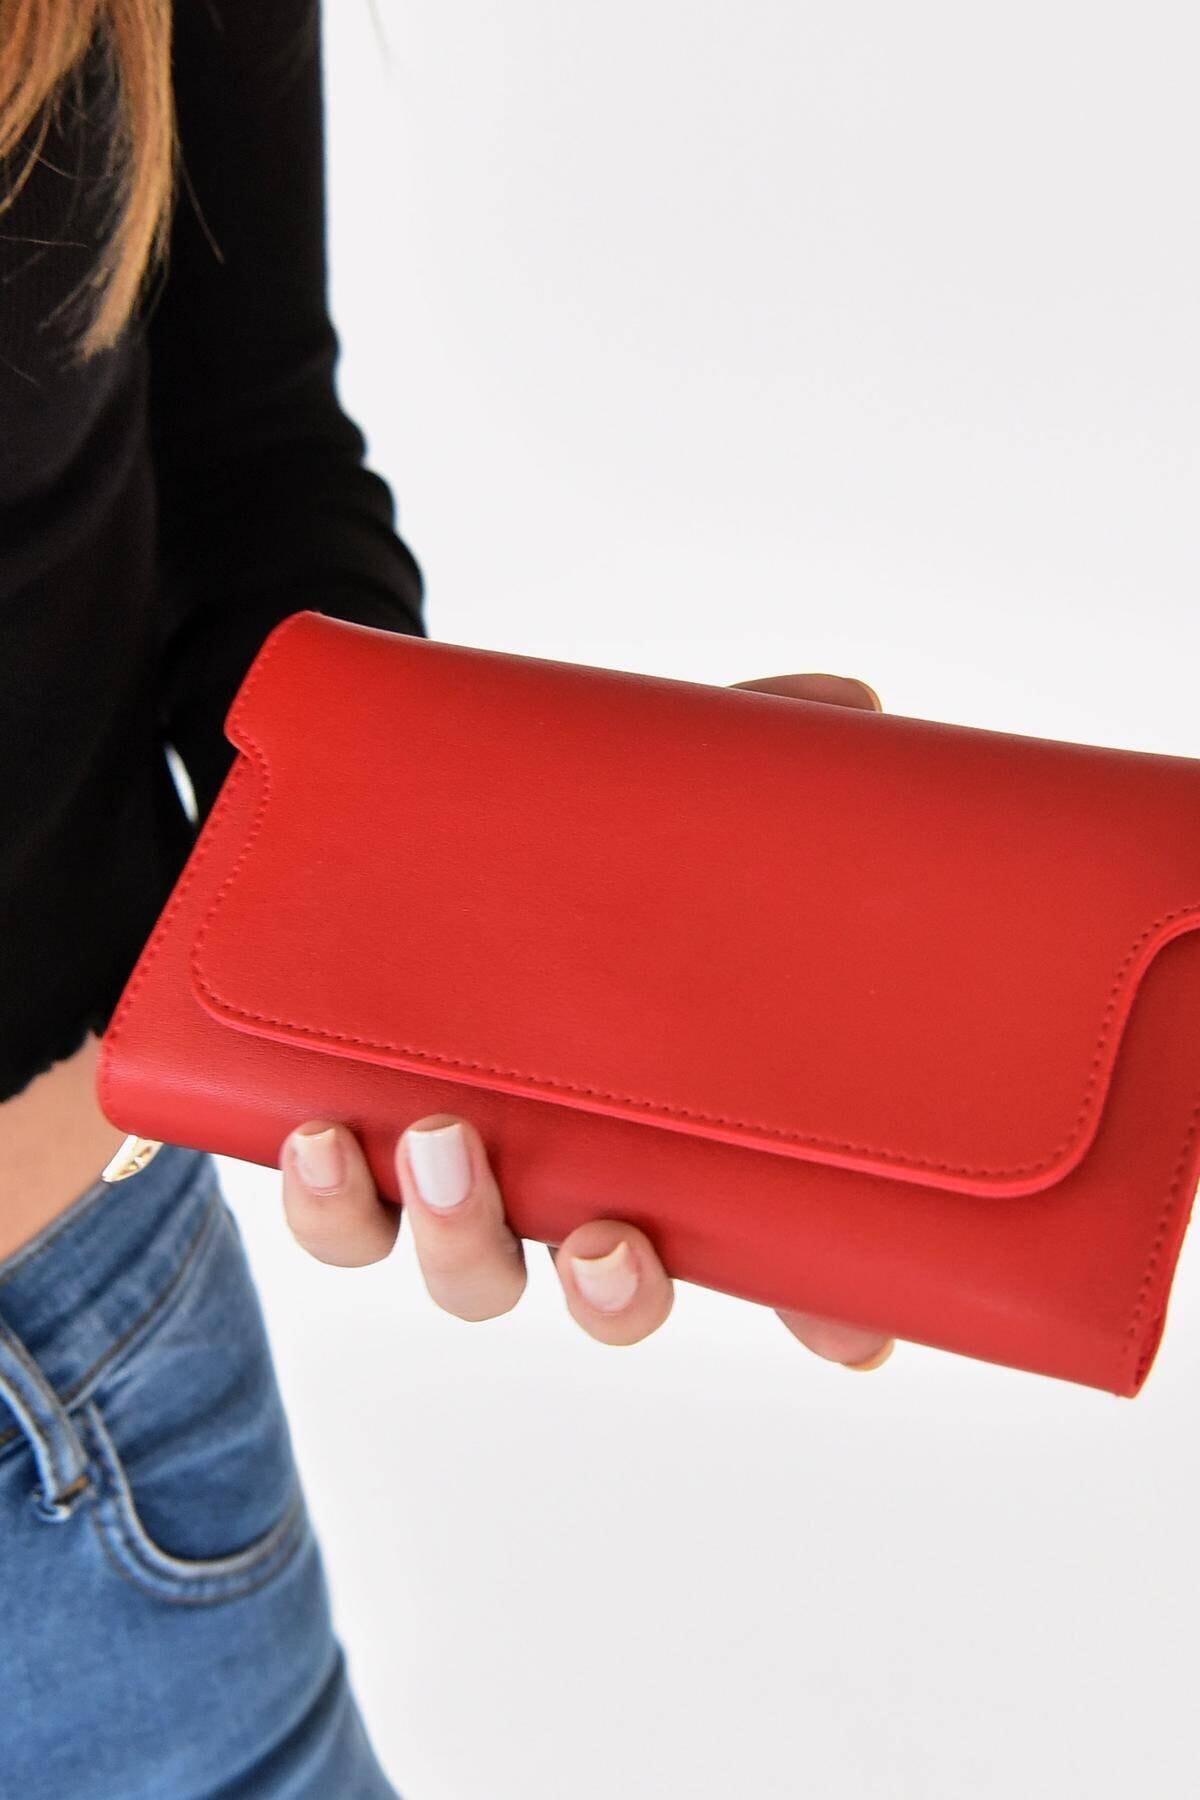 Addax Kadın Kırmızı Cüzdan Czdn55 - F5 1